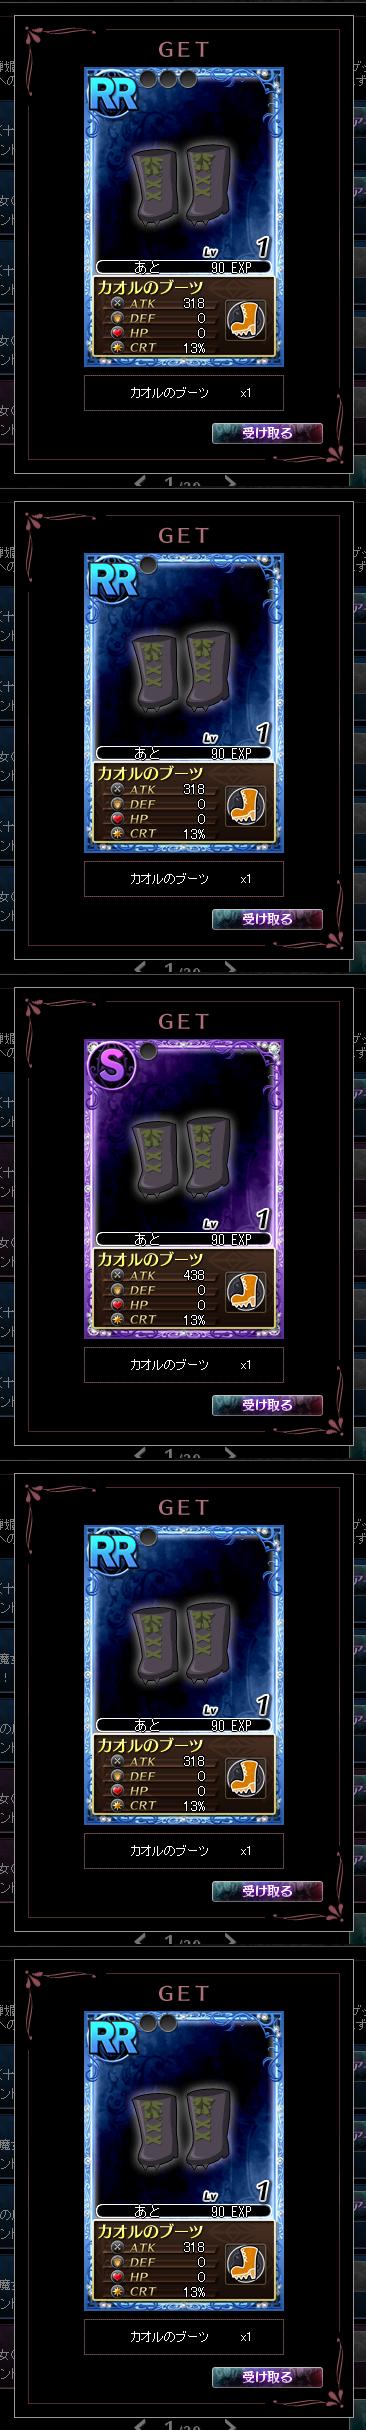 2013/10/14 カオルのブーツ6